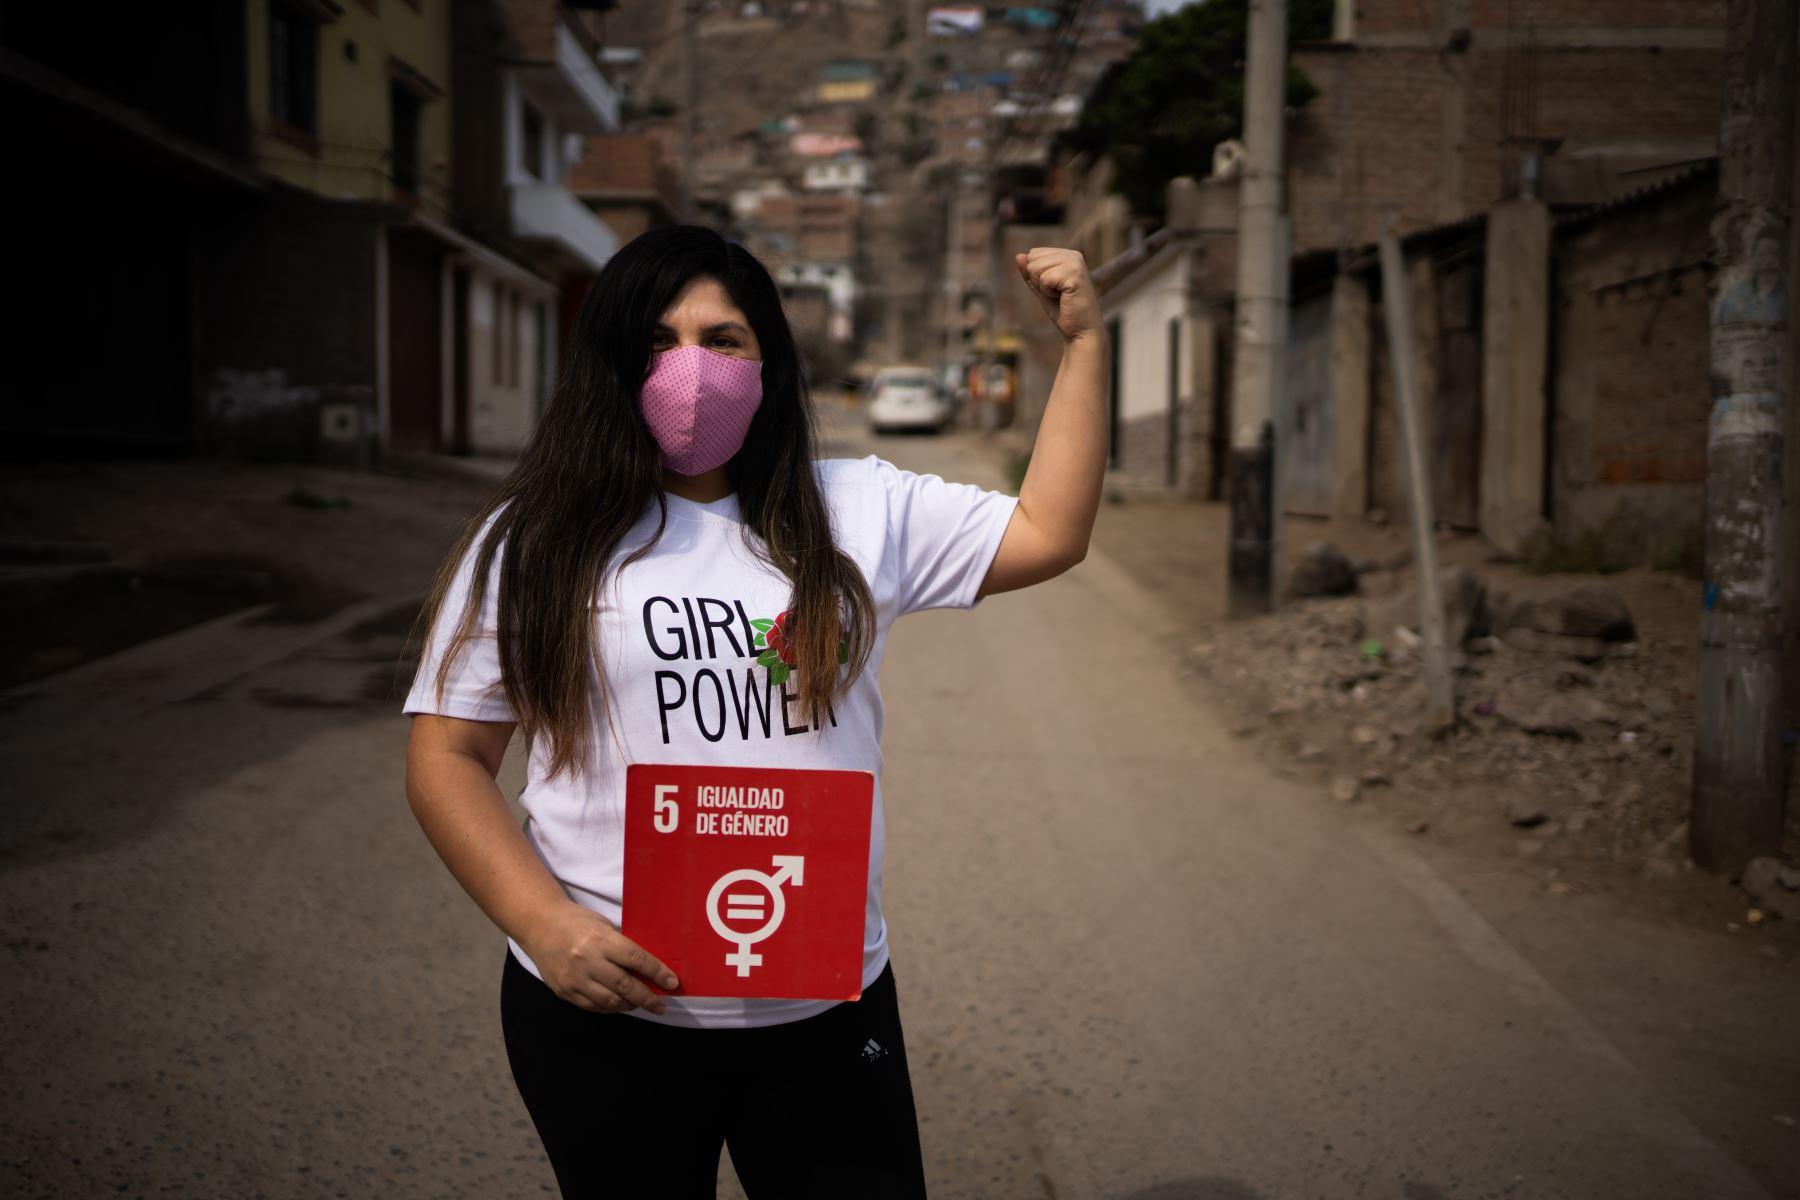 Cintia Vargas es parte del programa Guerrero Emprendedor, una iniciativa para fortalecer el emprendimiento en tiempos de pandemia. Foto: Cortesía del programa Guerrero Emprendedor / ANDINA